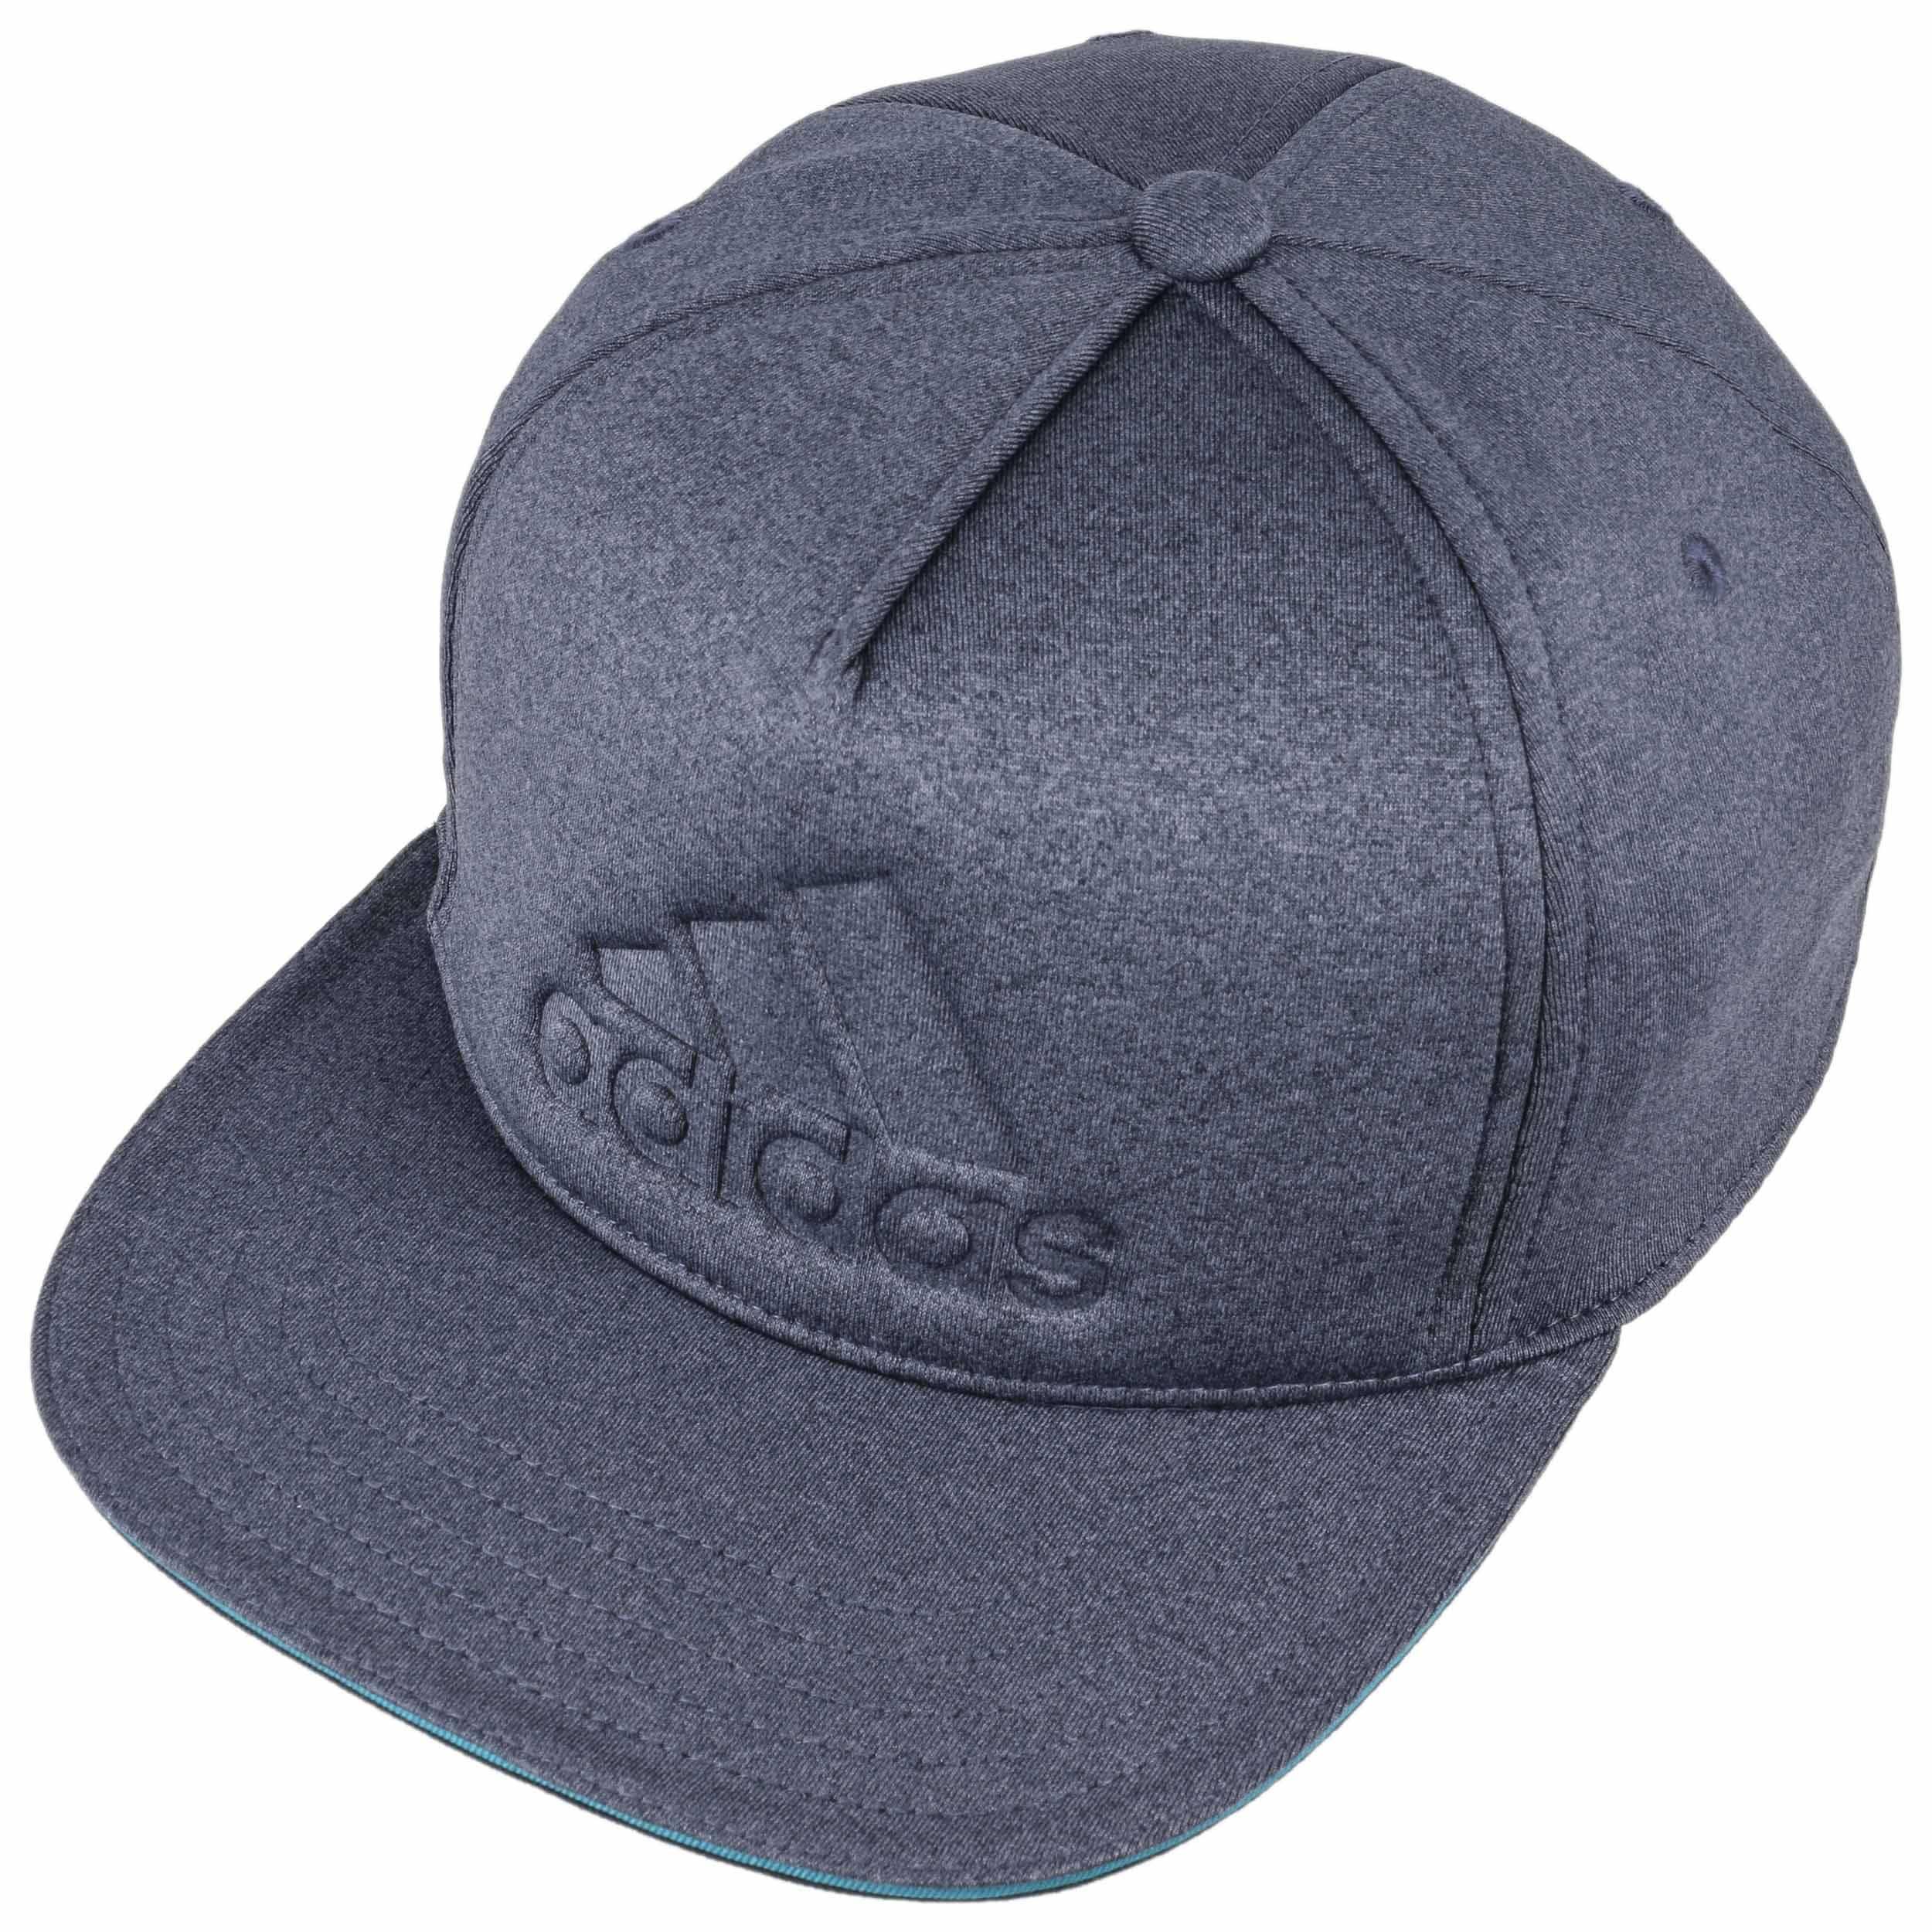 93ff0513b5882 Gorra Flat Brim Snapback by adidas - Gorras - sombreroshop.es